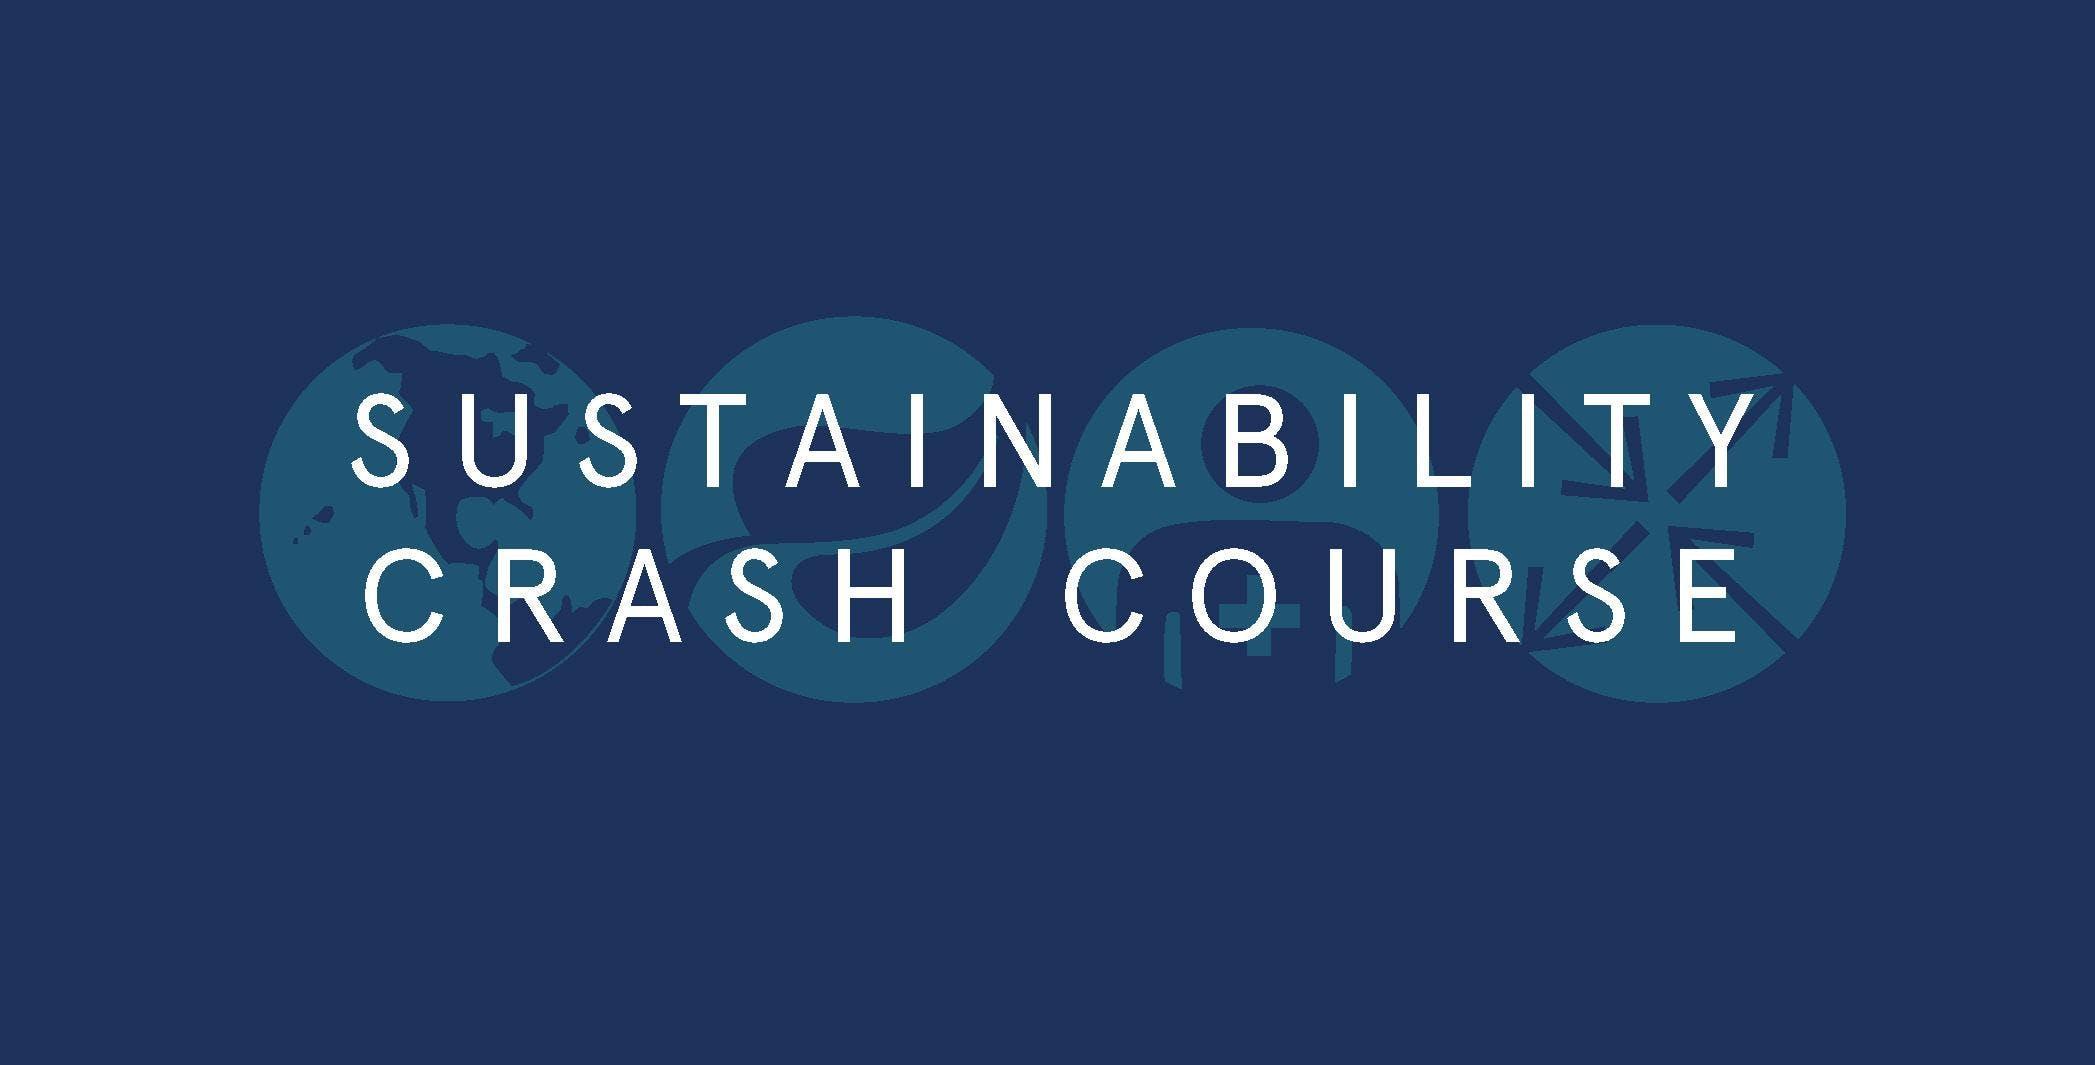 Sustainability Crash Course 2019